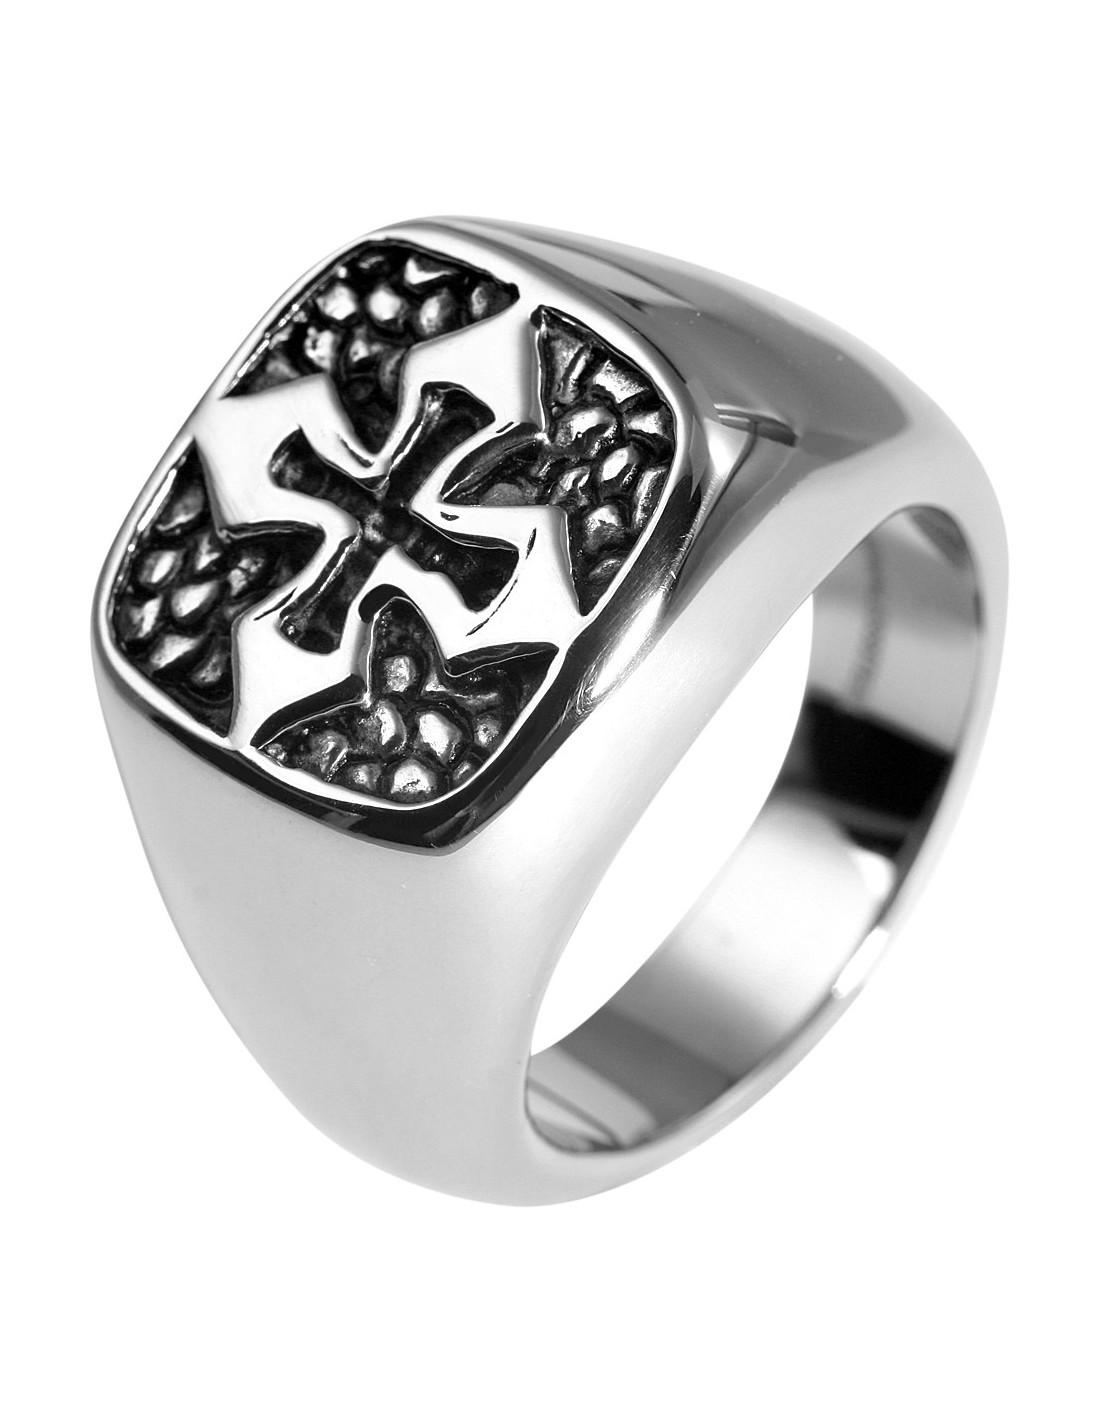 Ανδρικό δαχτυλίδι σφραγίδα από ατσάλι CROSS R20140604 1384caf5496